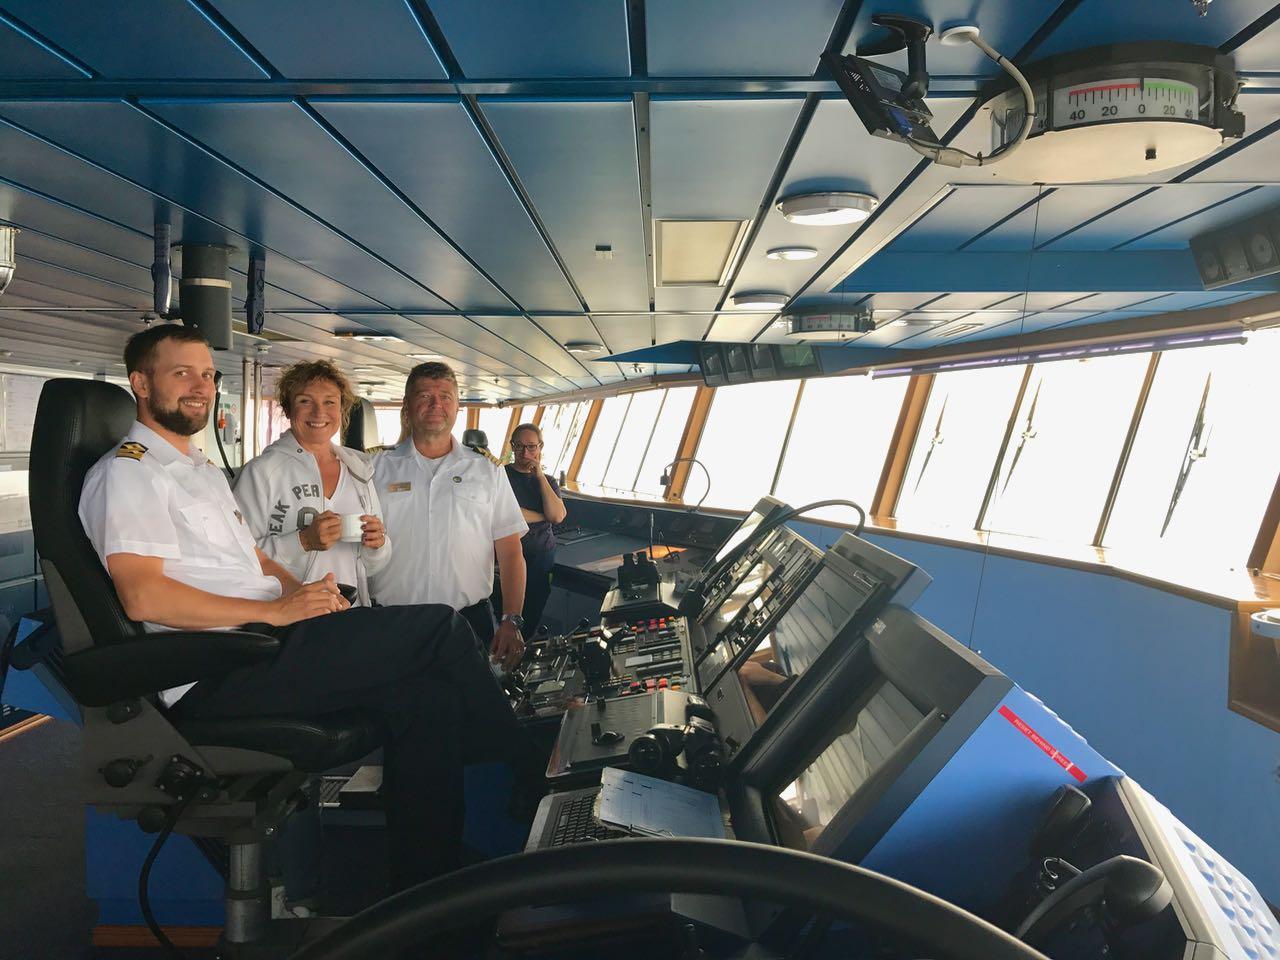 Kävin myös Eckerö komentosillalla. Kapteenin ja perämiehen käsissä on paljon. Kapteenin koulutus kestää 10 vuotta. Tälläkin kertaa valtava laiva väisti pienen purjeveneen. Sitä oli huikeaa katsoa. Ollaan me hyvissä käsissä!